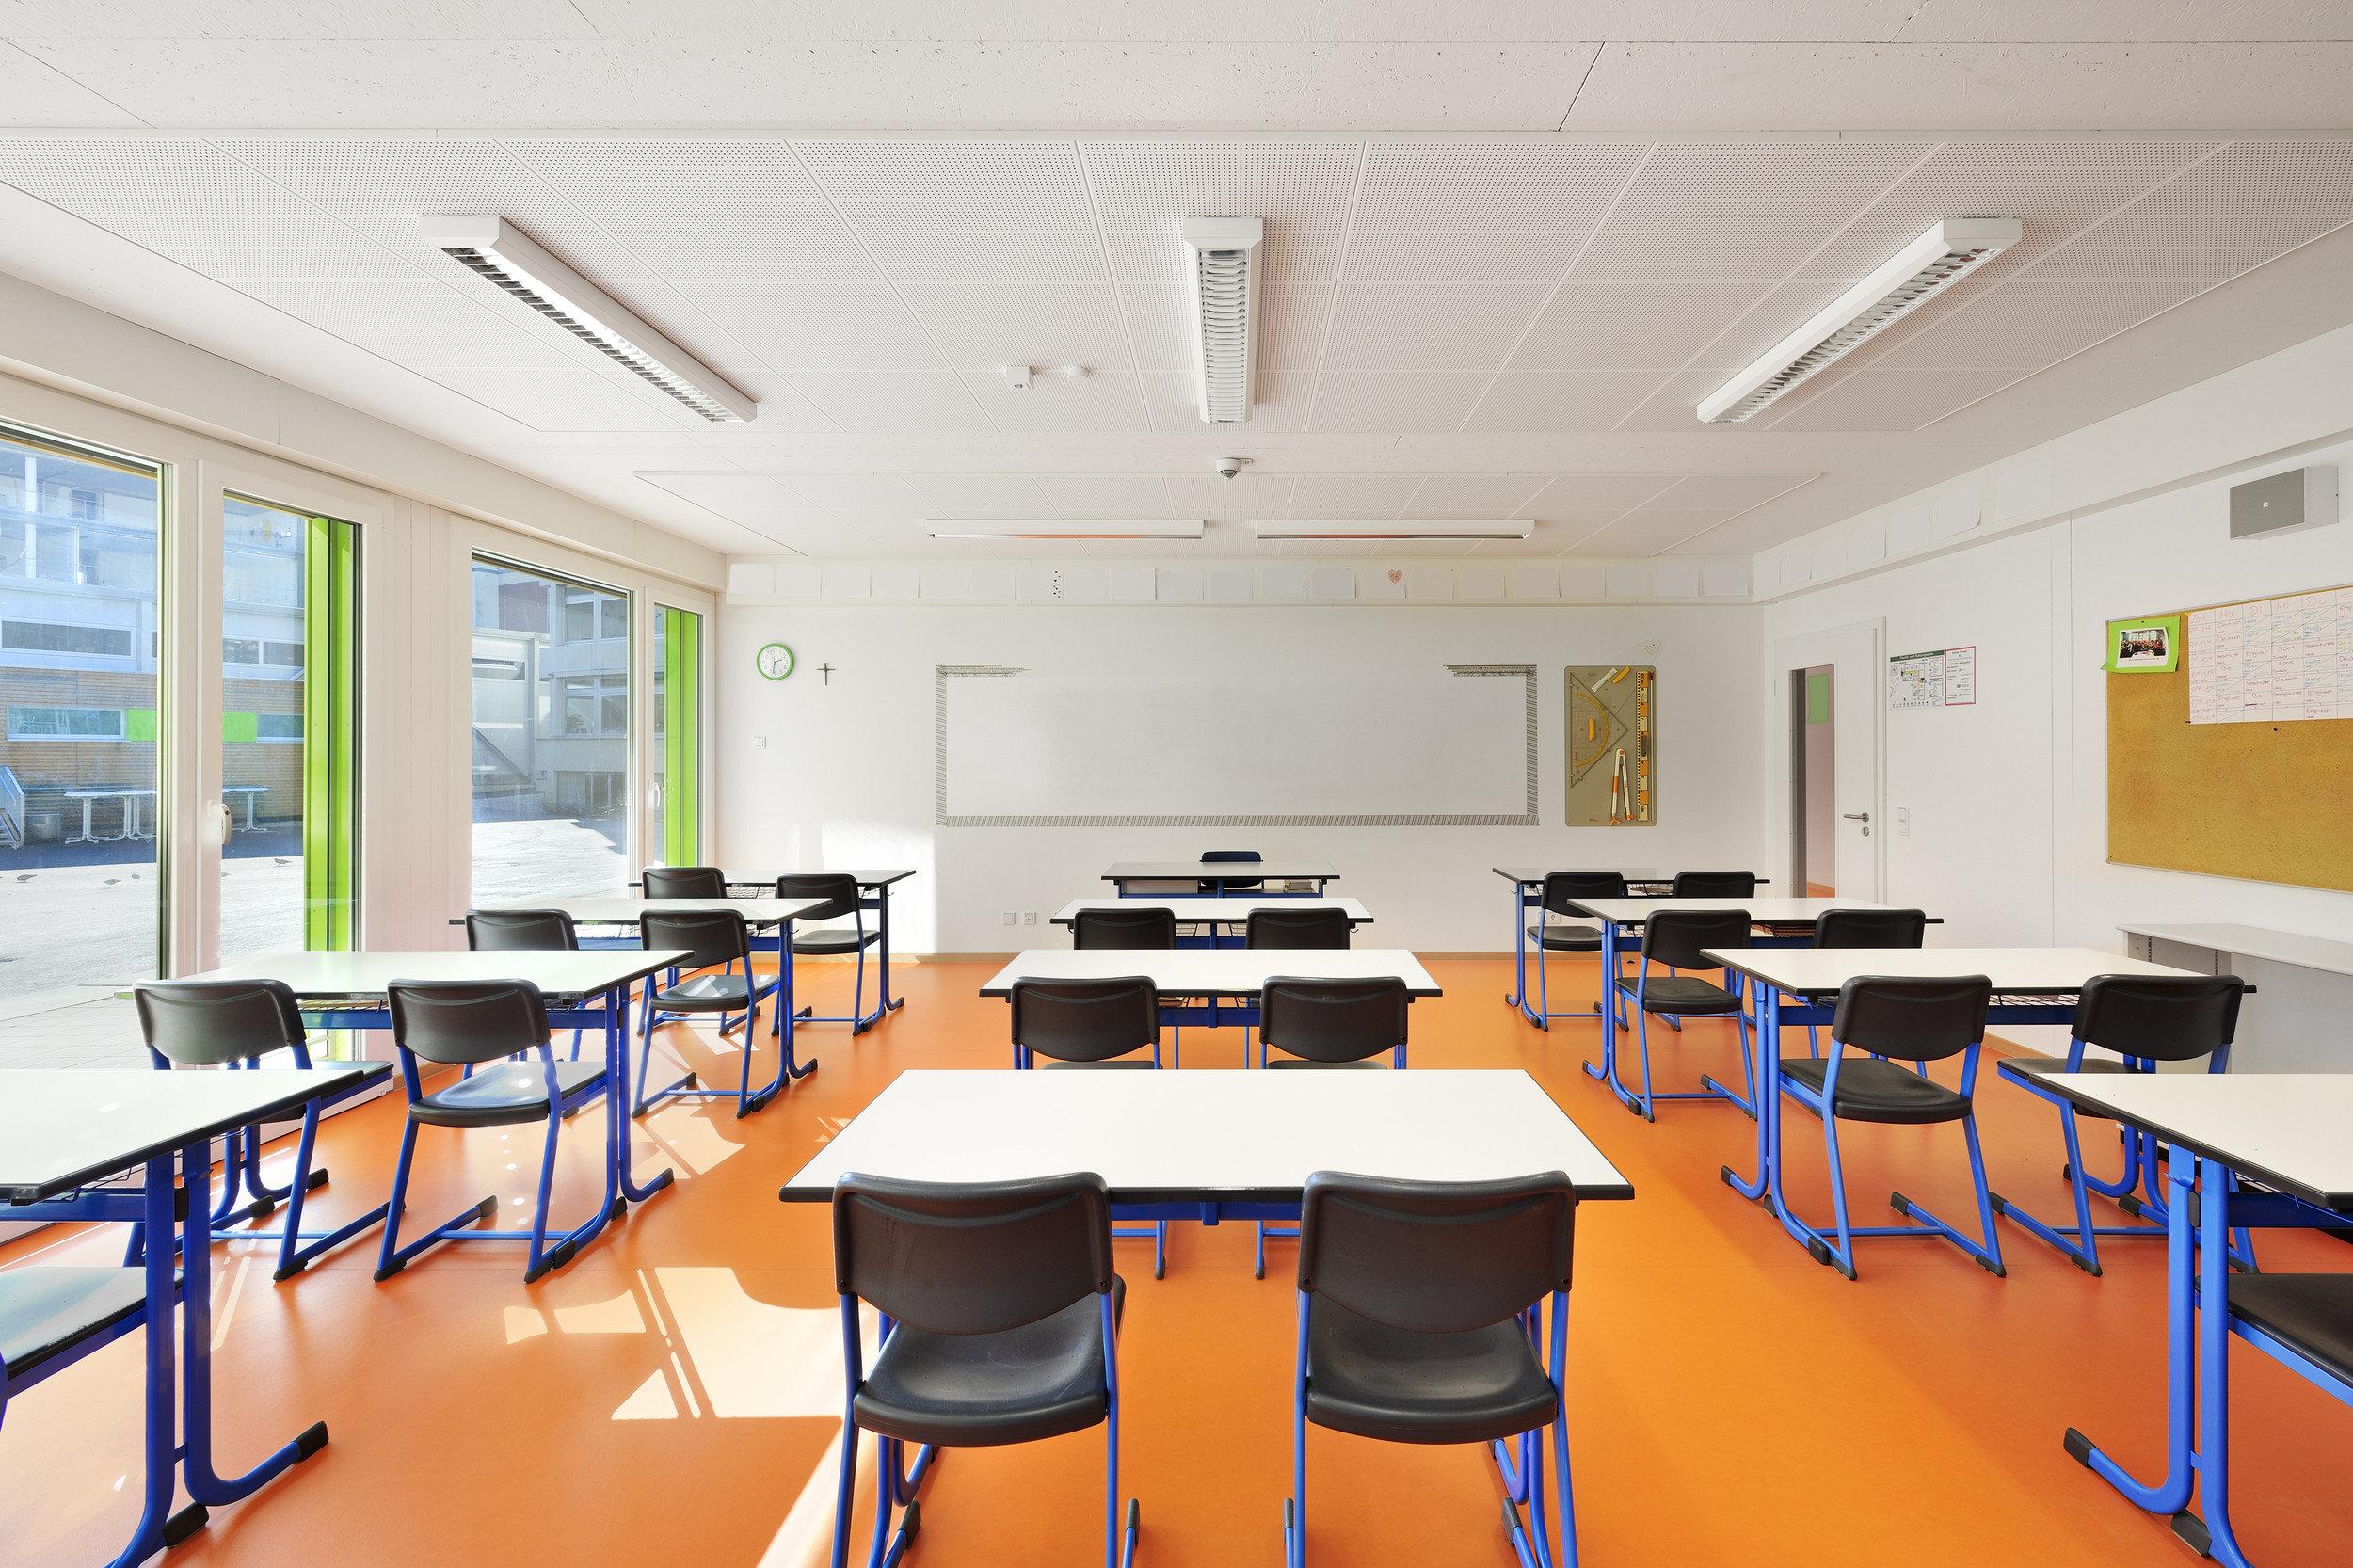 Lichtdurchflutetes Klassenzimmer in hellem und schlichtem Design